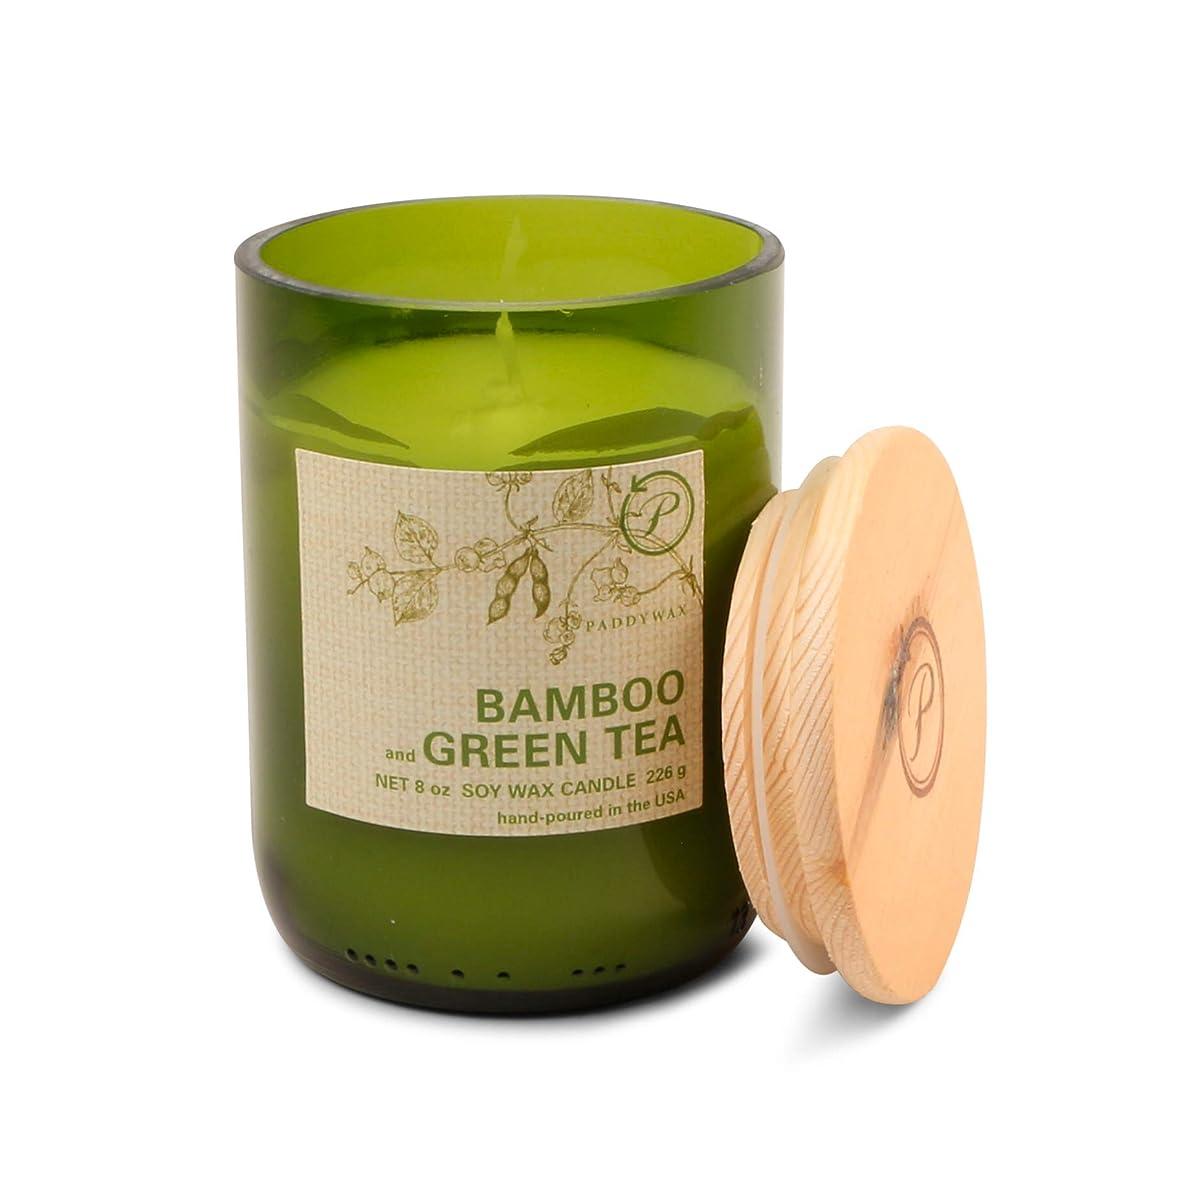 一回メディア蓋パディワックス(PADDYWAX) エコ?グリーン キャンドル(ECO GREEN Candle) バンブー & グリーンティー(BAMBOO and GREEN TEA)